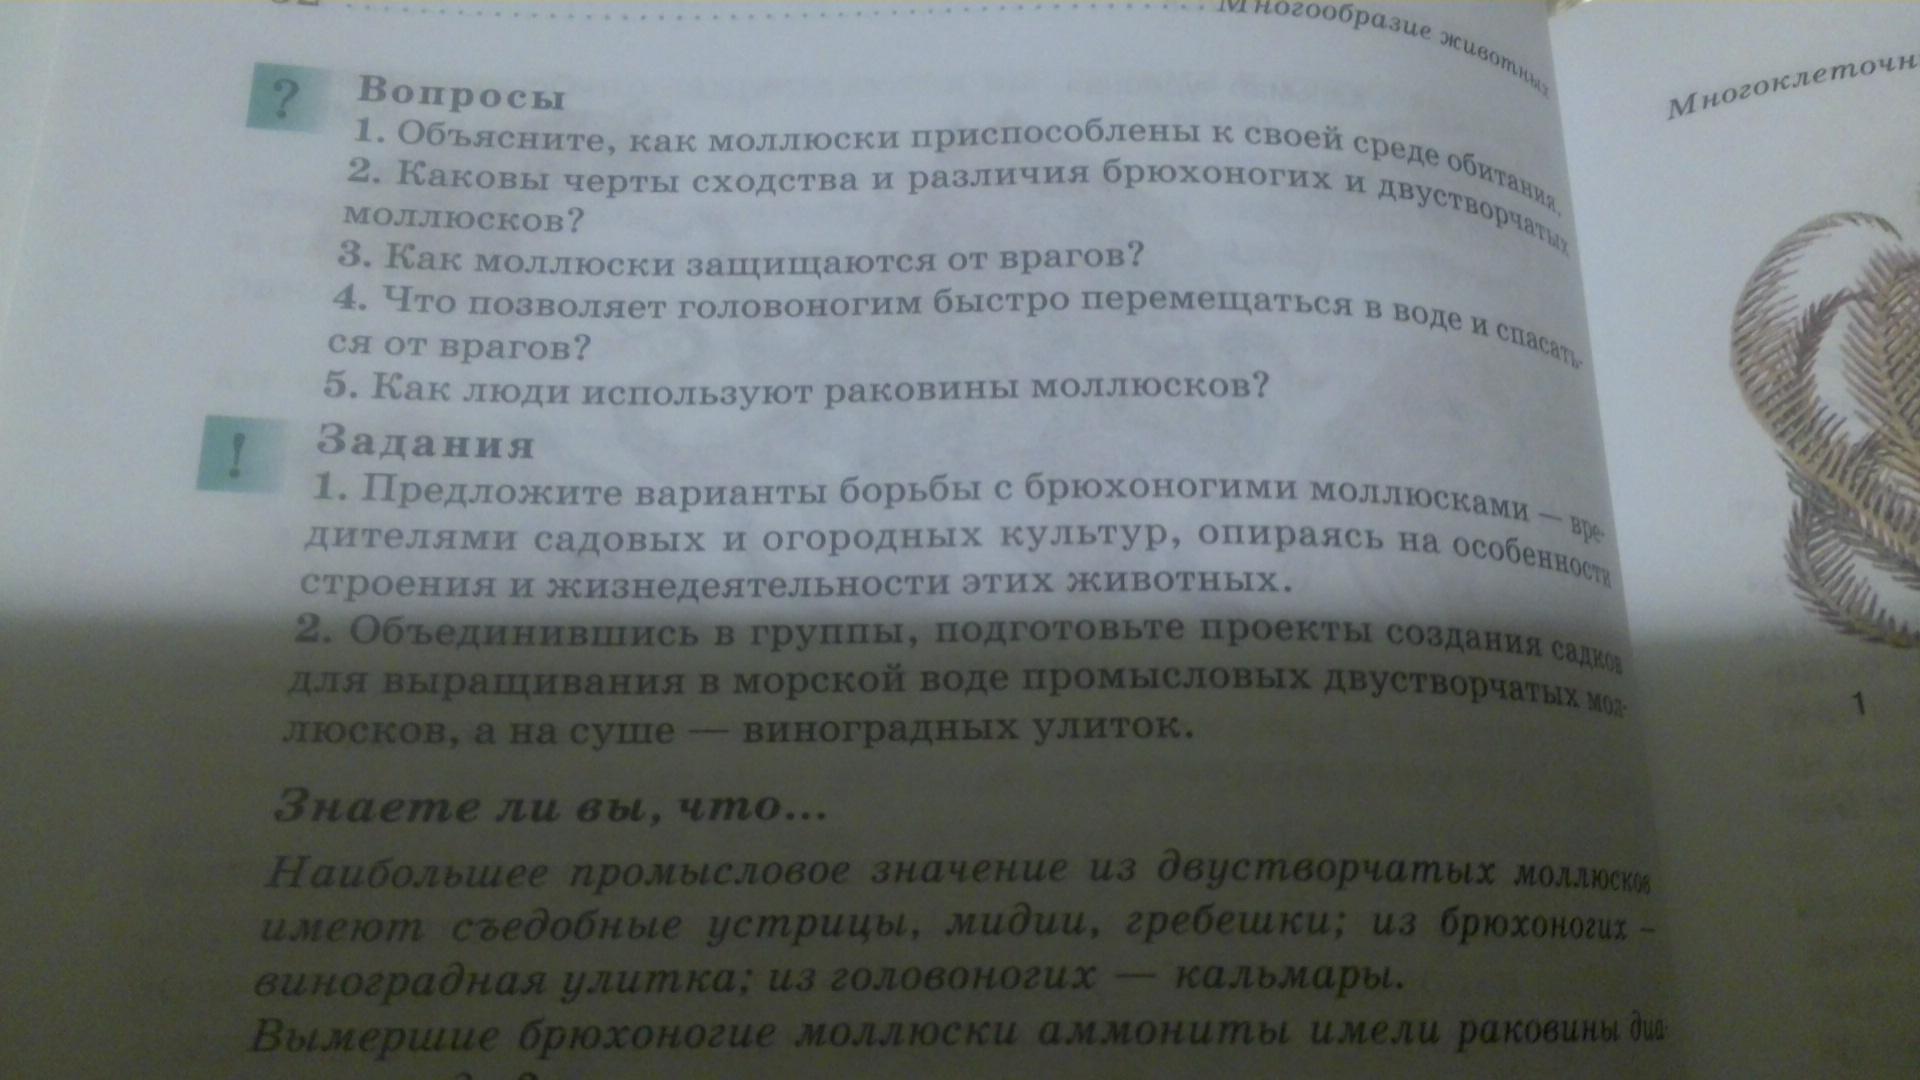 Ответьте на вопросы по биологии 7 класс параграф 12 учебник Дрофа Латюшин?